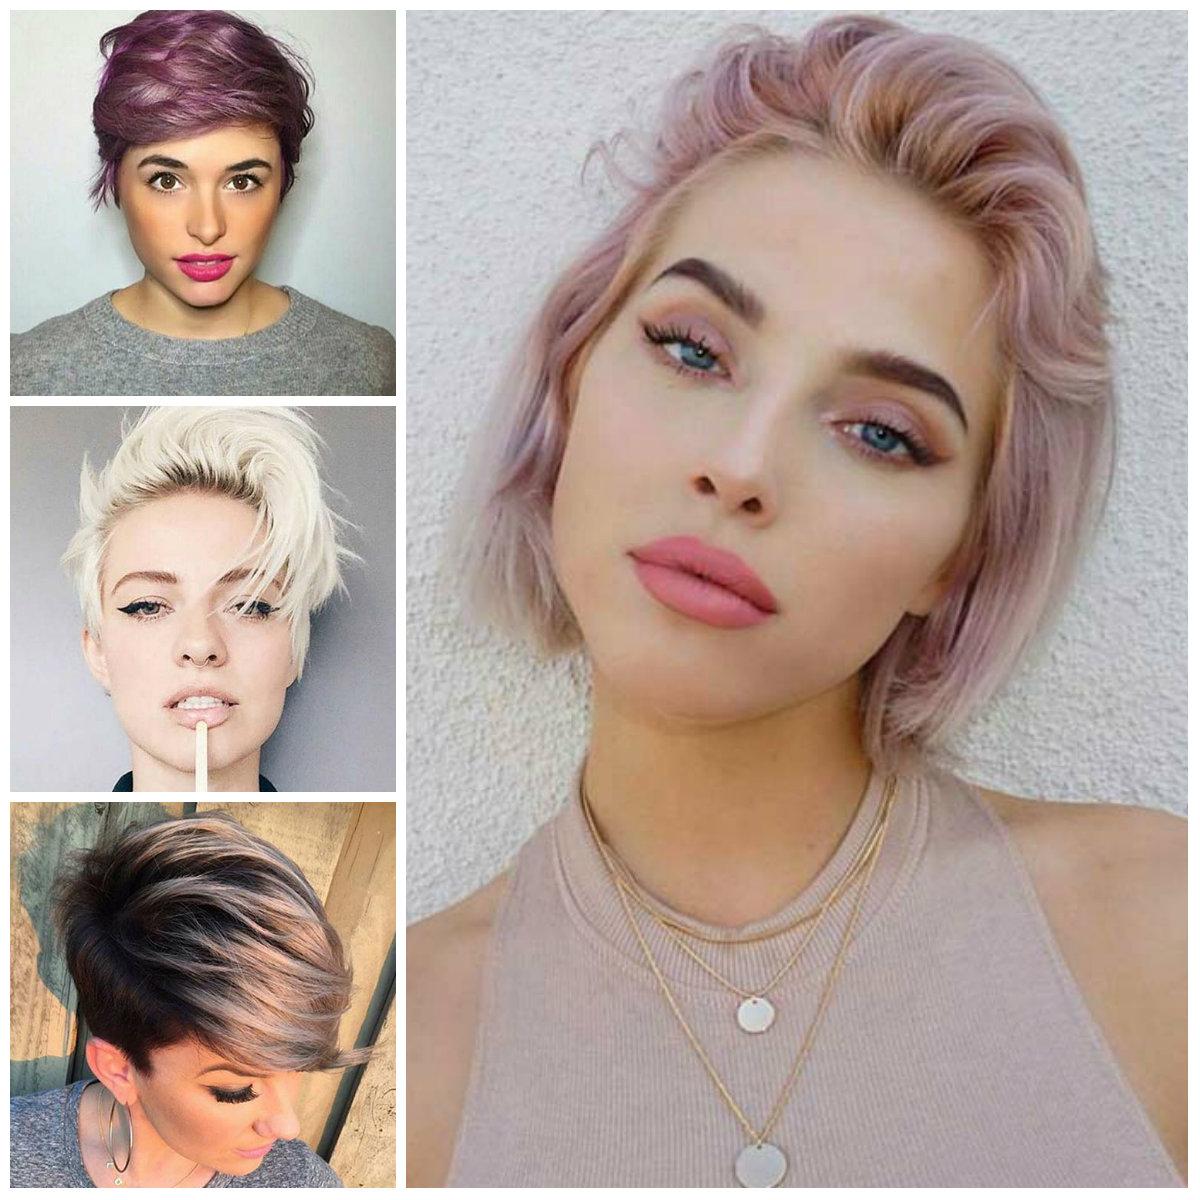 las Mujeres Peinados Cortos para 2017